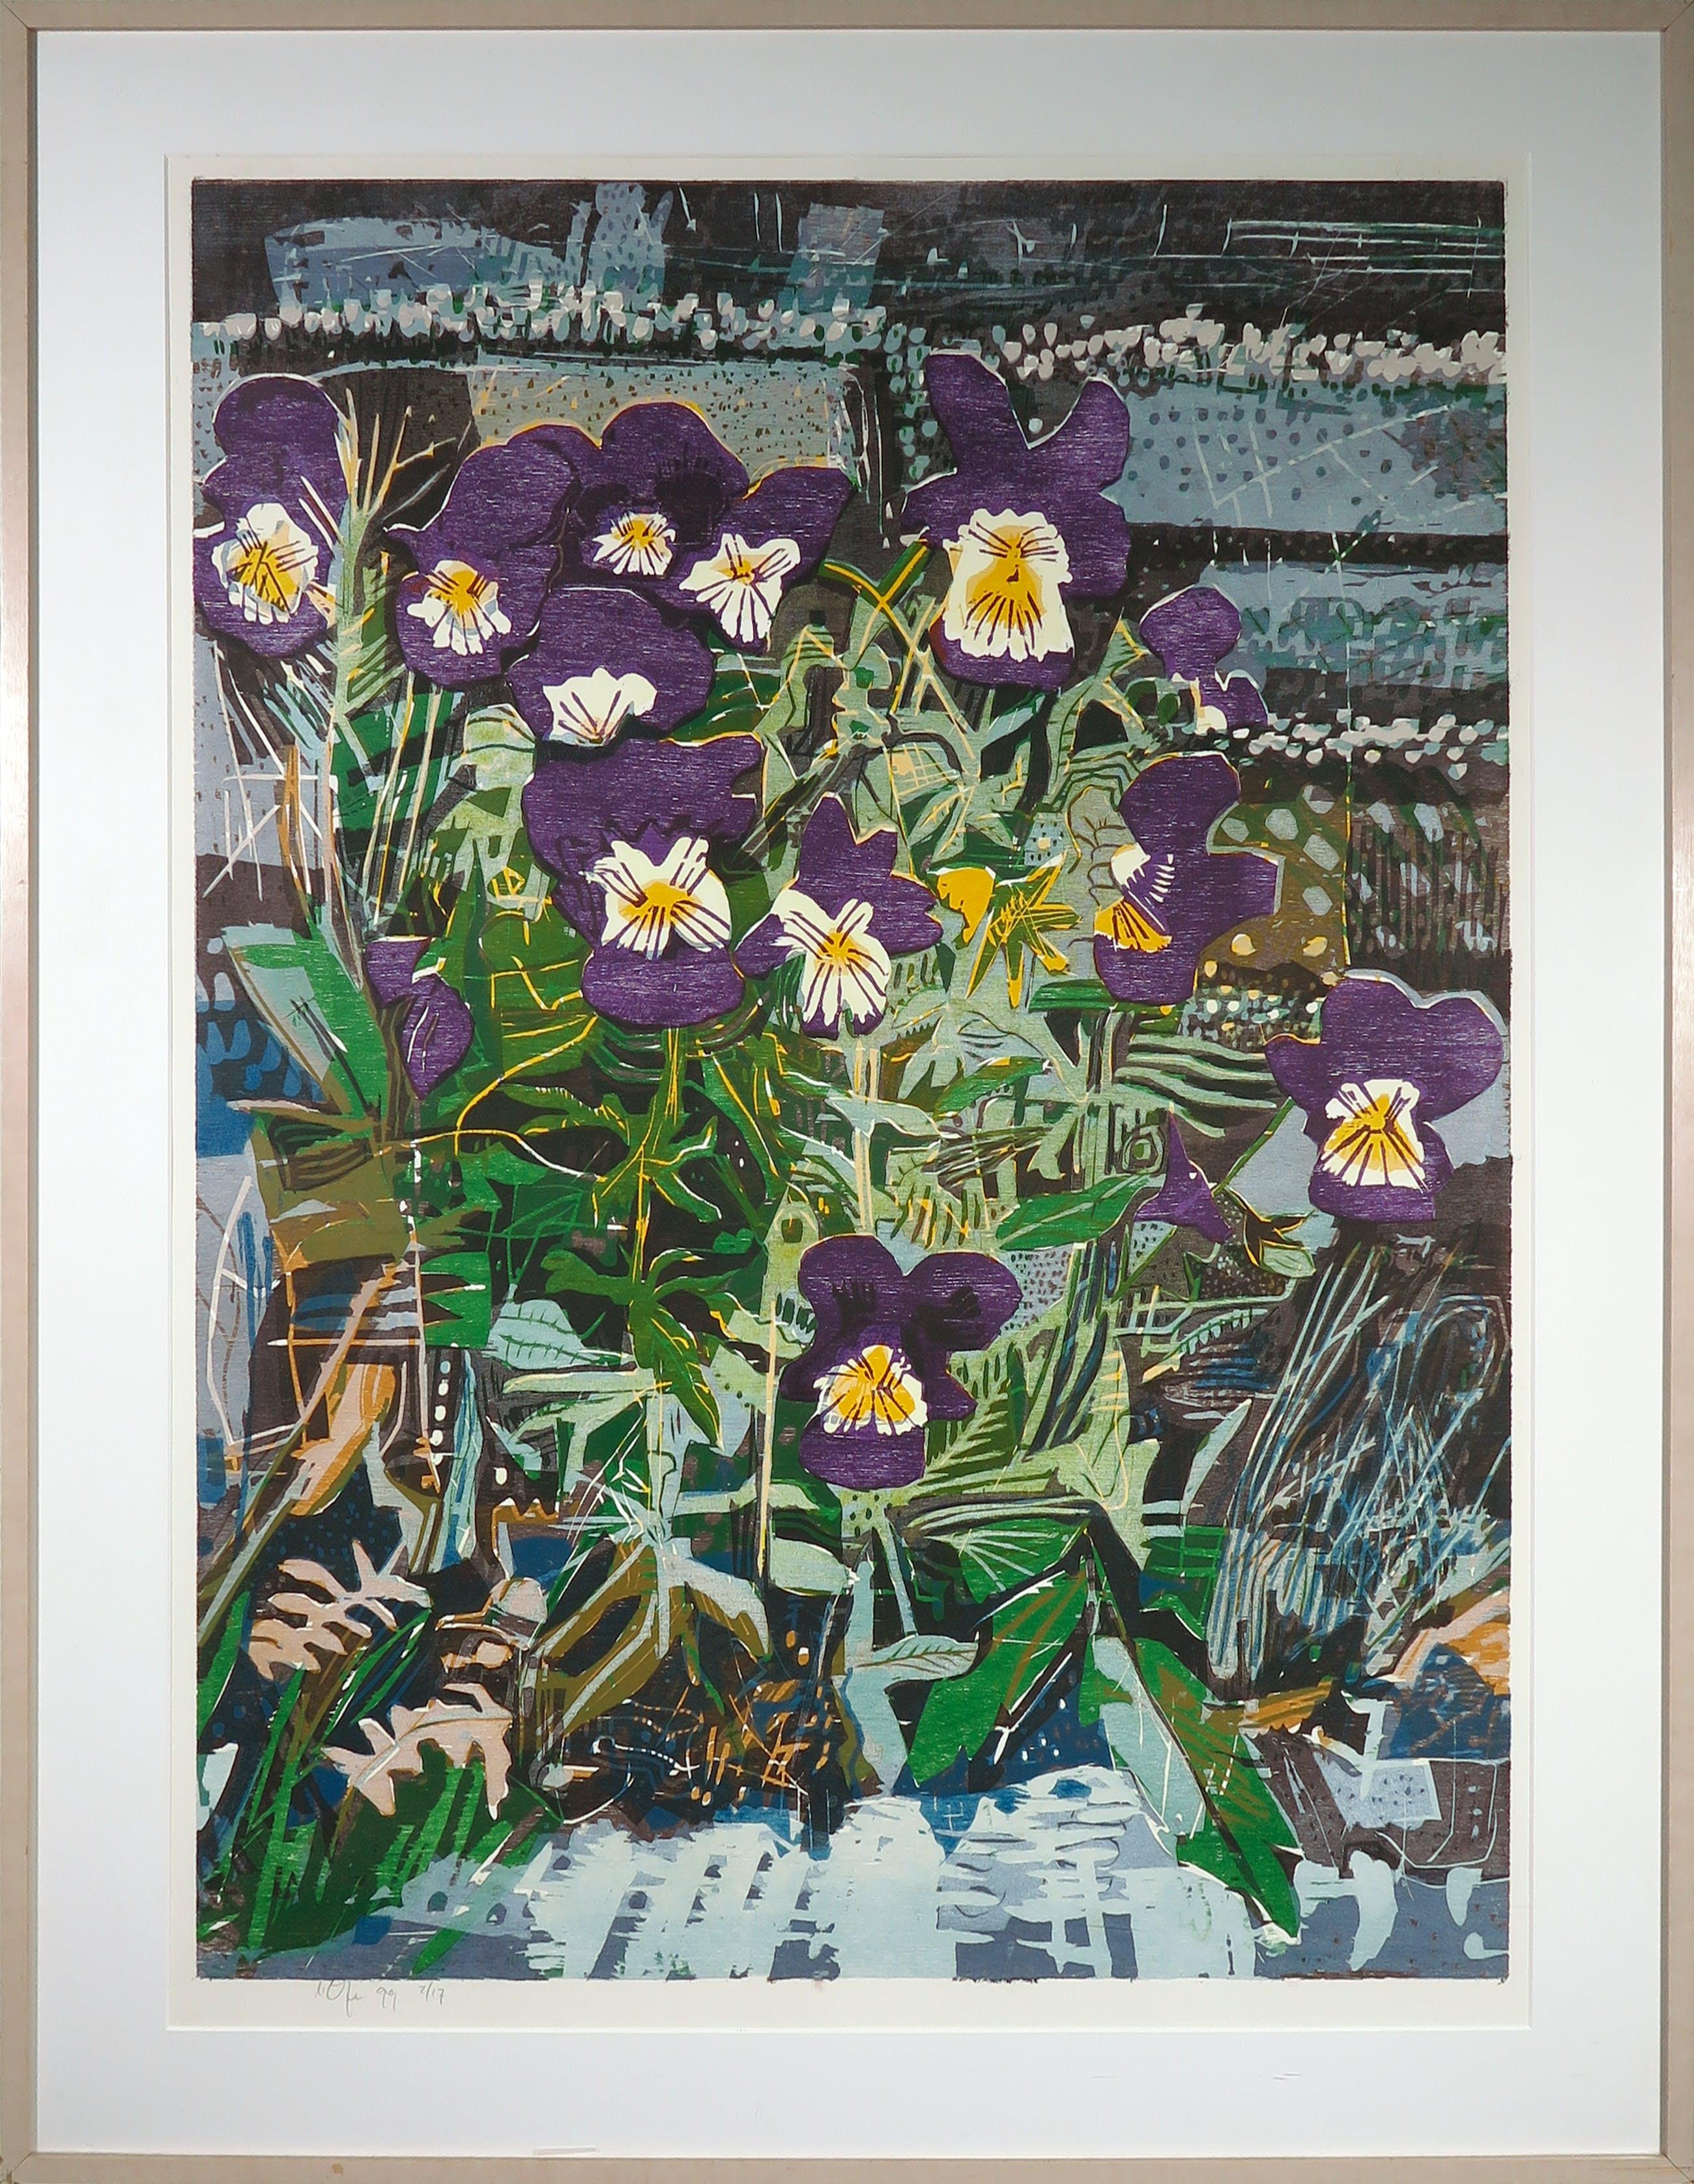 Vincent van Ojen - Houtsnede, Wilde viooltjes - Ingelijst (Groot) kopen? Bied vanaf 150!